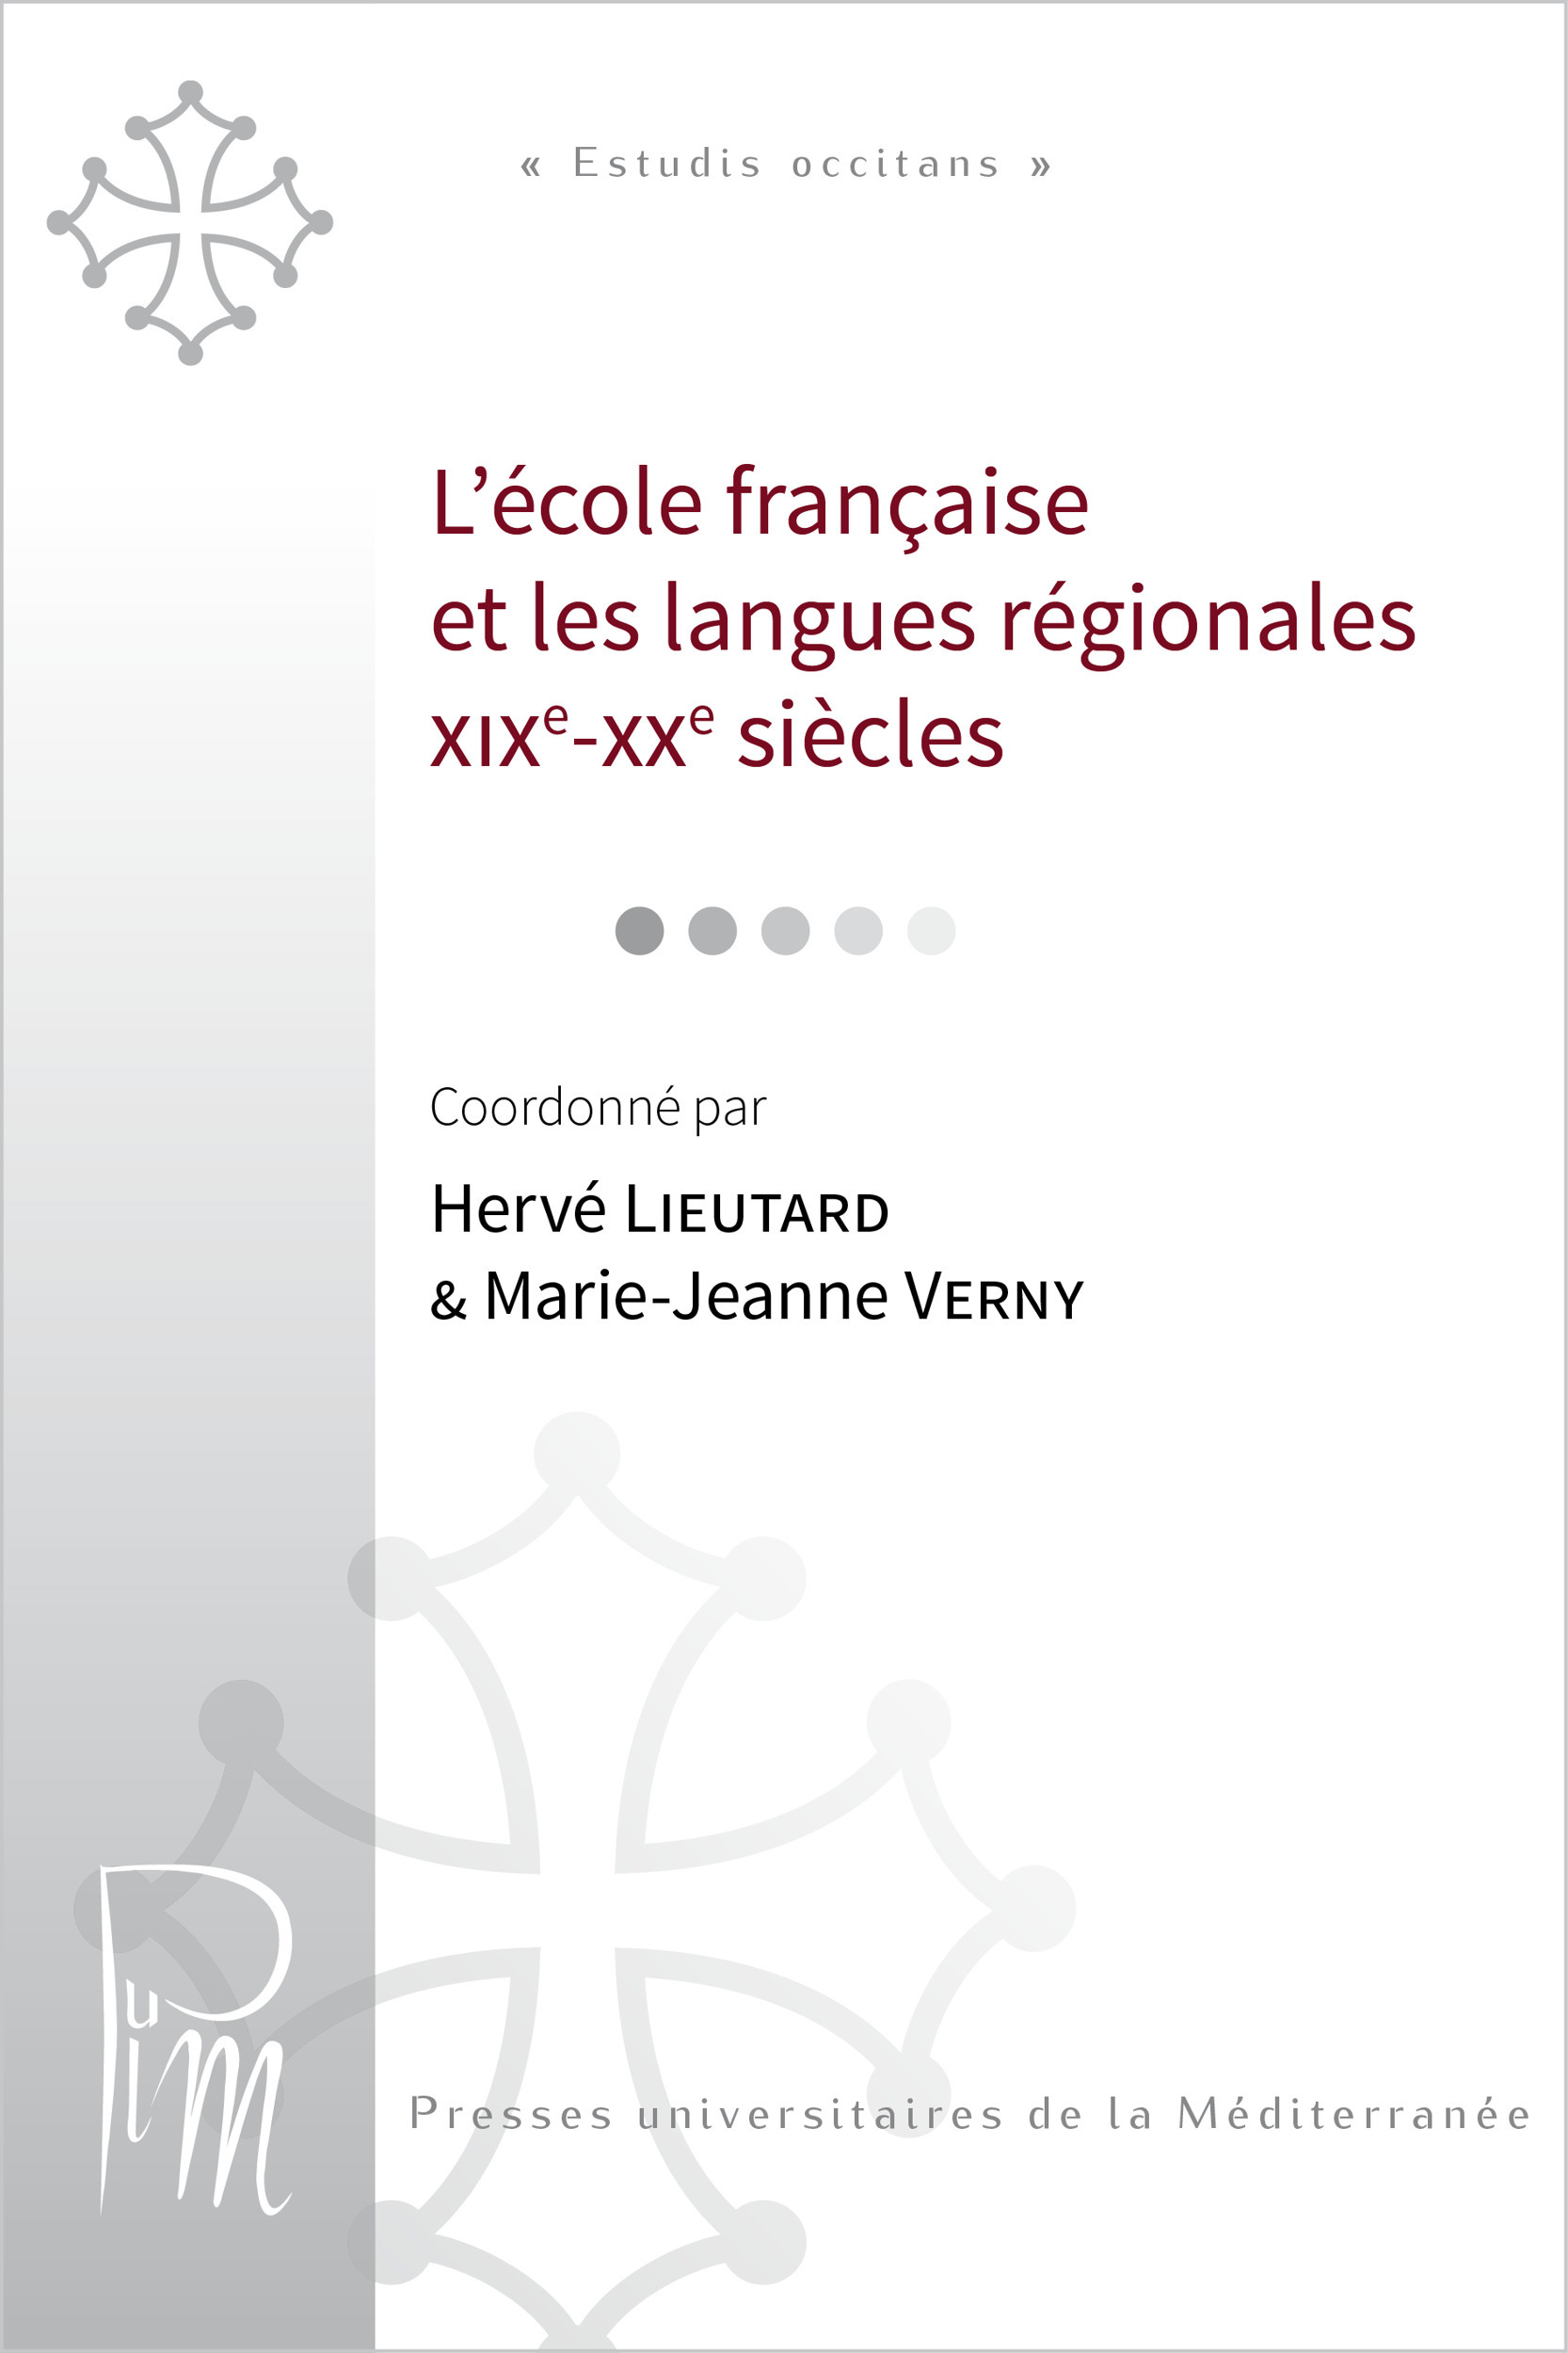 L'école française et les langues régionales (XIXe-XXe siècles)